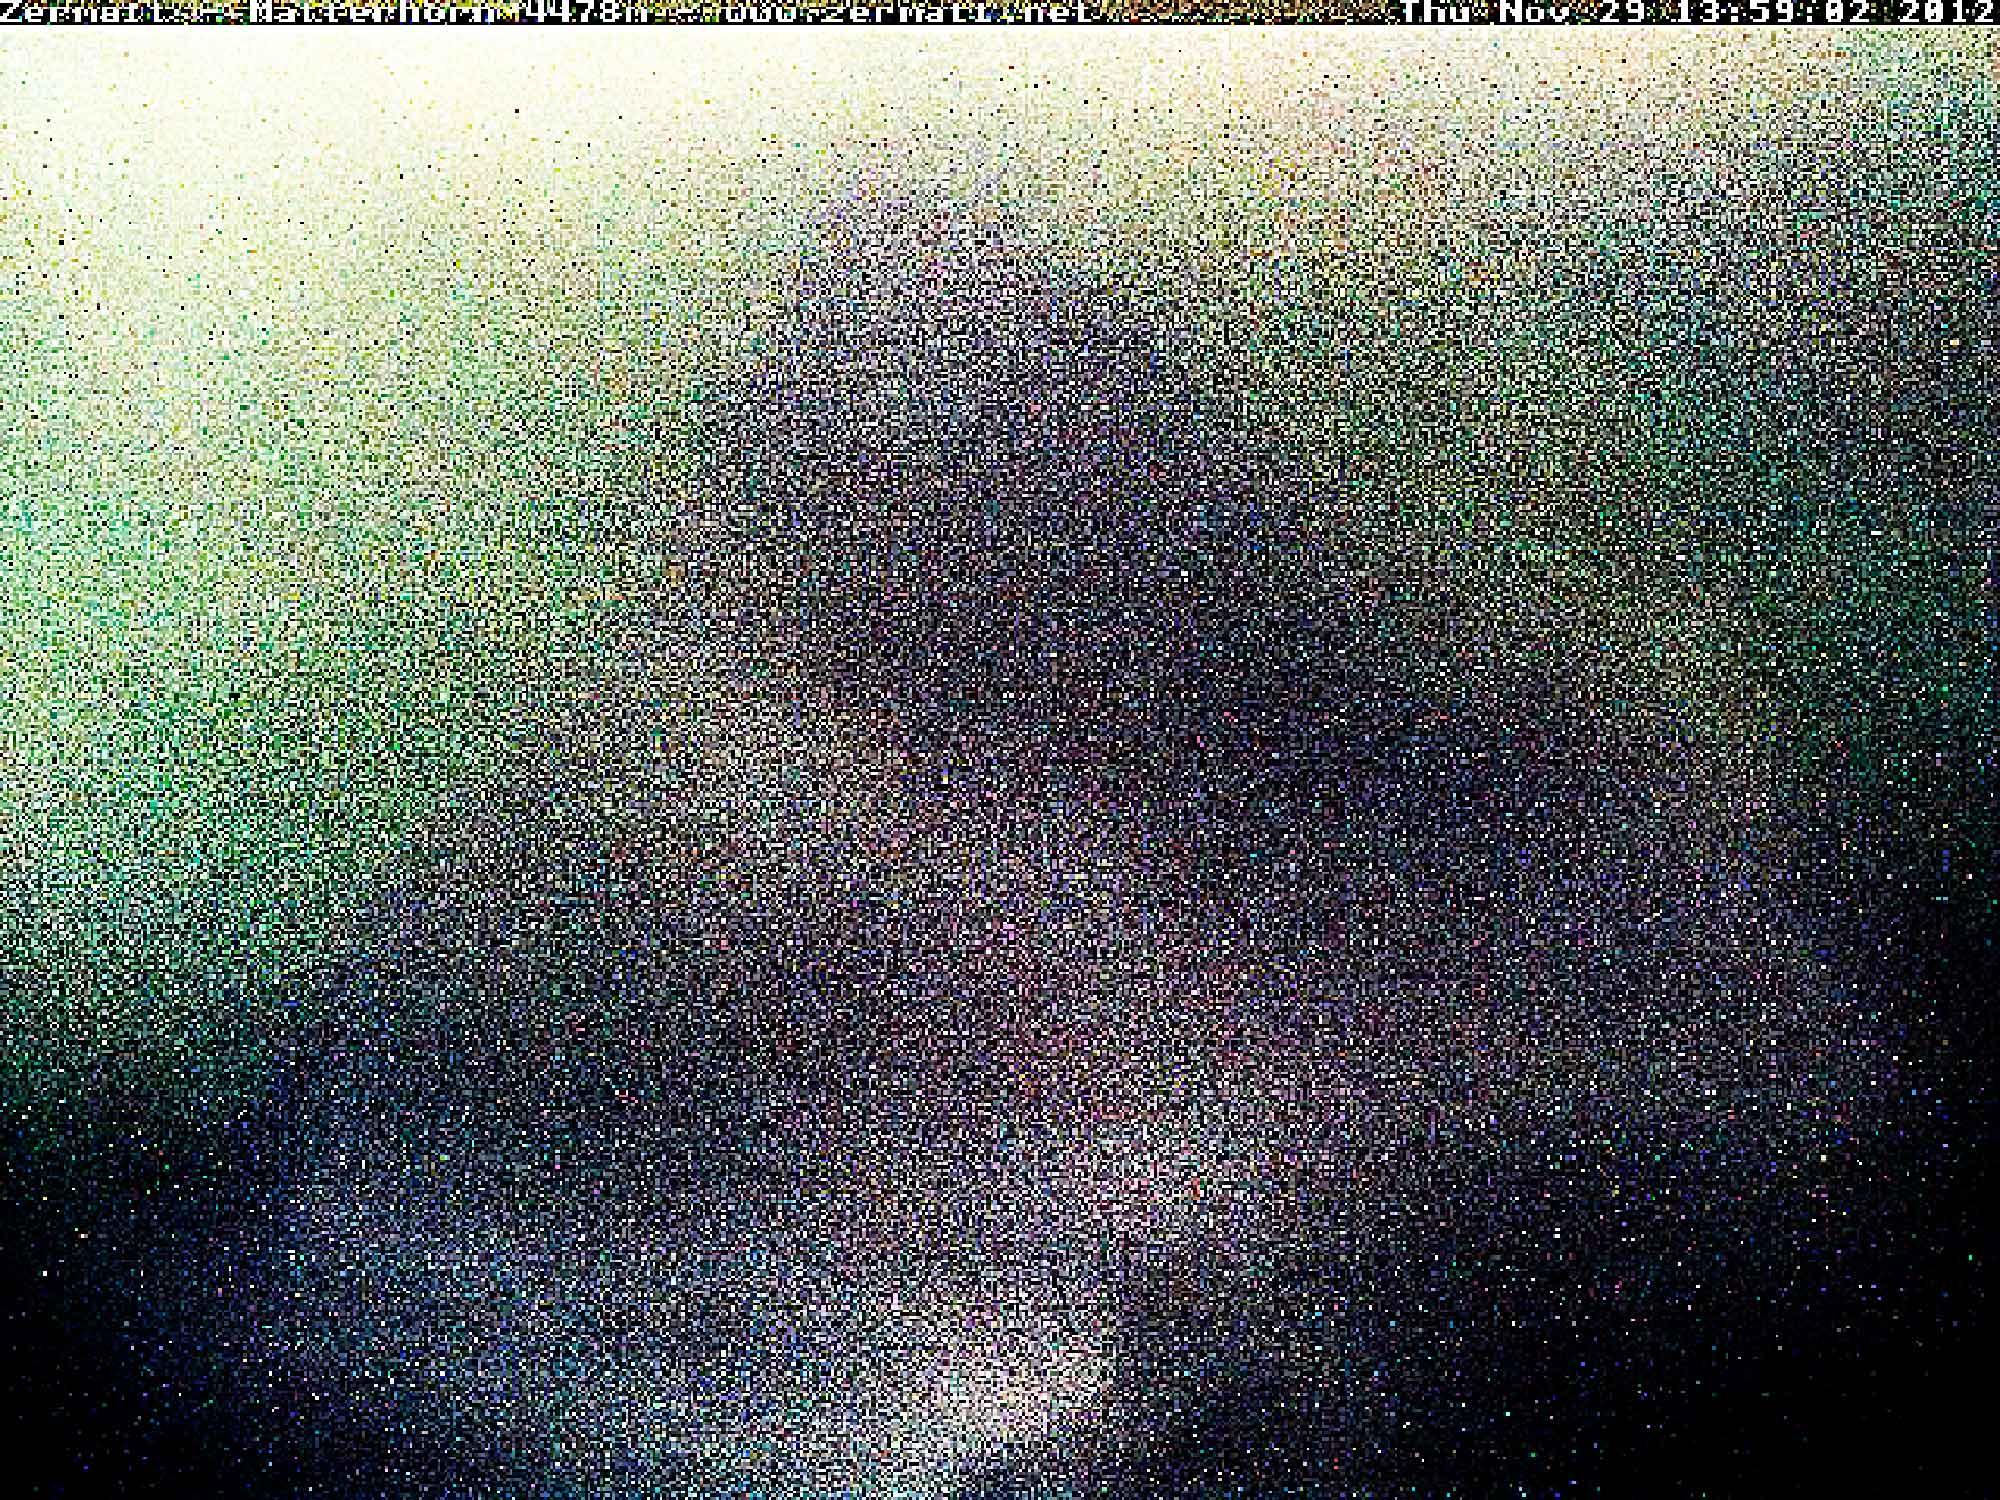 #1007 Matterhorn 2012 11 29